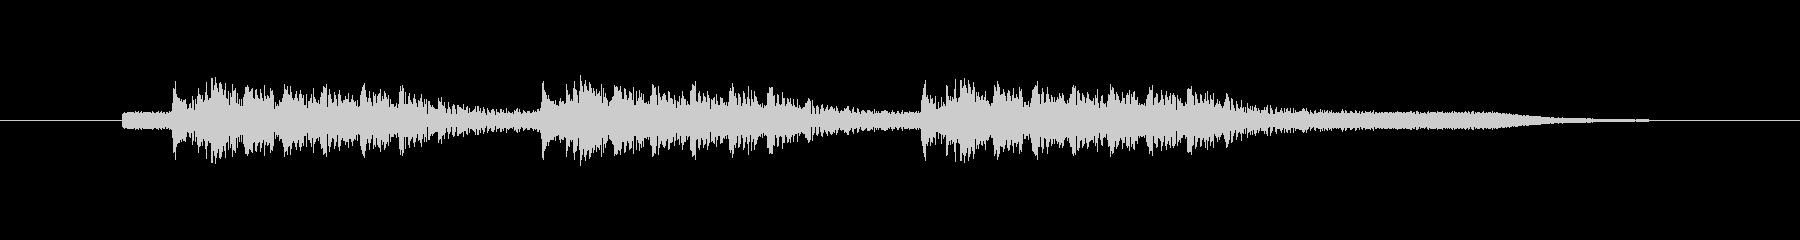 ビープ音;コンピューター警告音。の未再生の波形